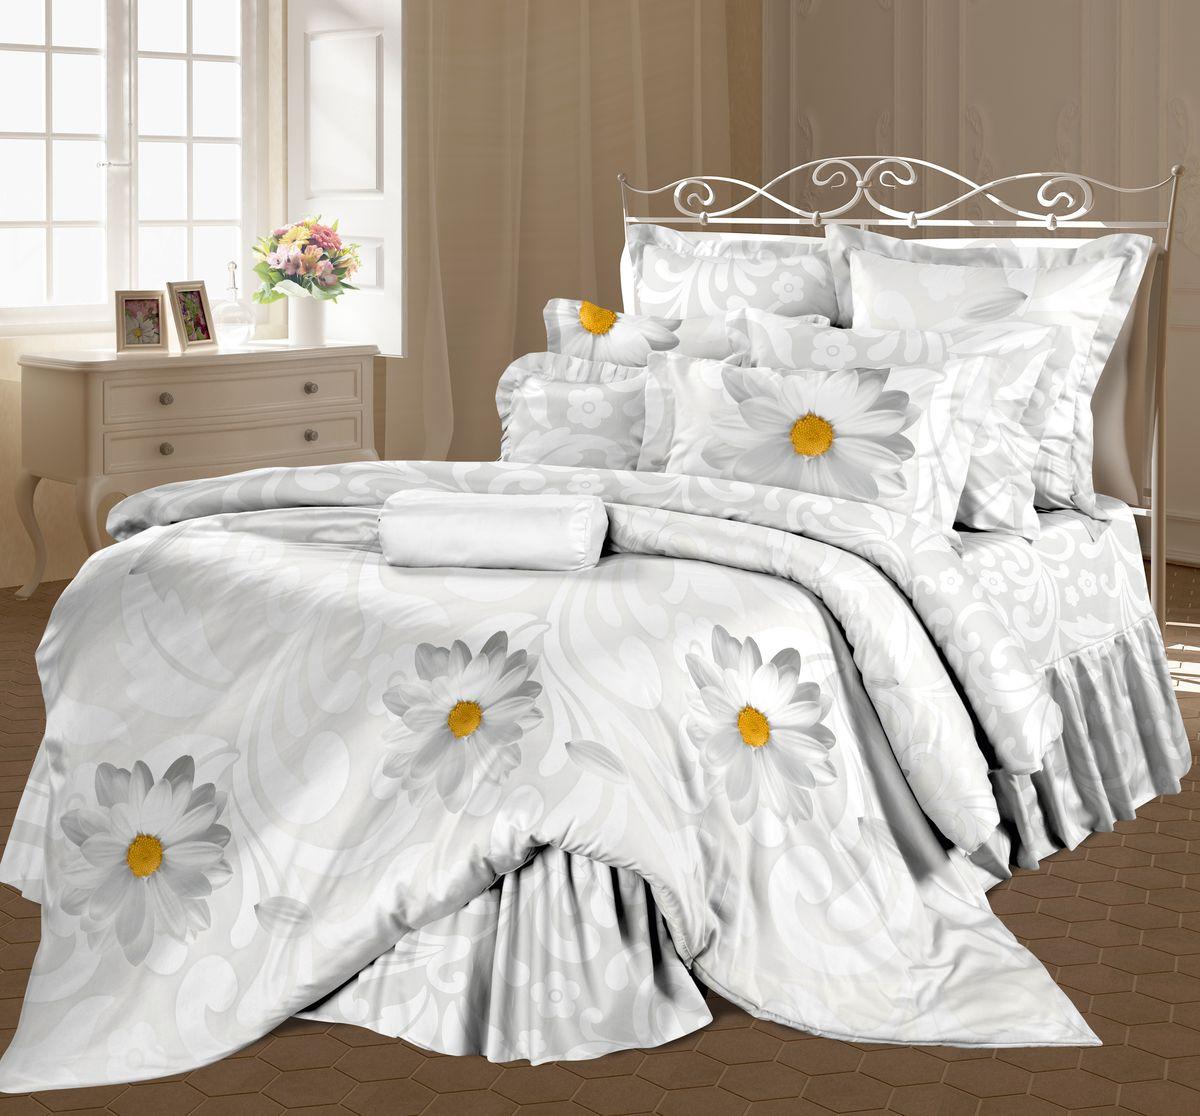 Комплект белья Романтика Флирт, 1,5 спальное, наволочки 70 x 70. 325244325244